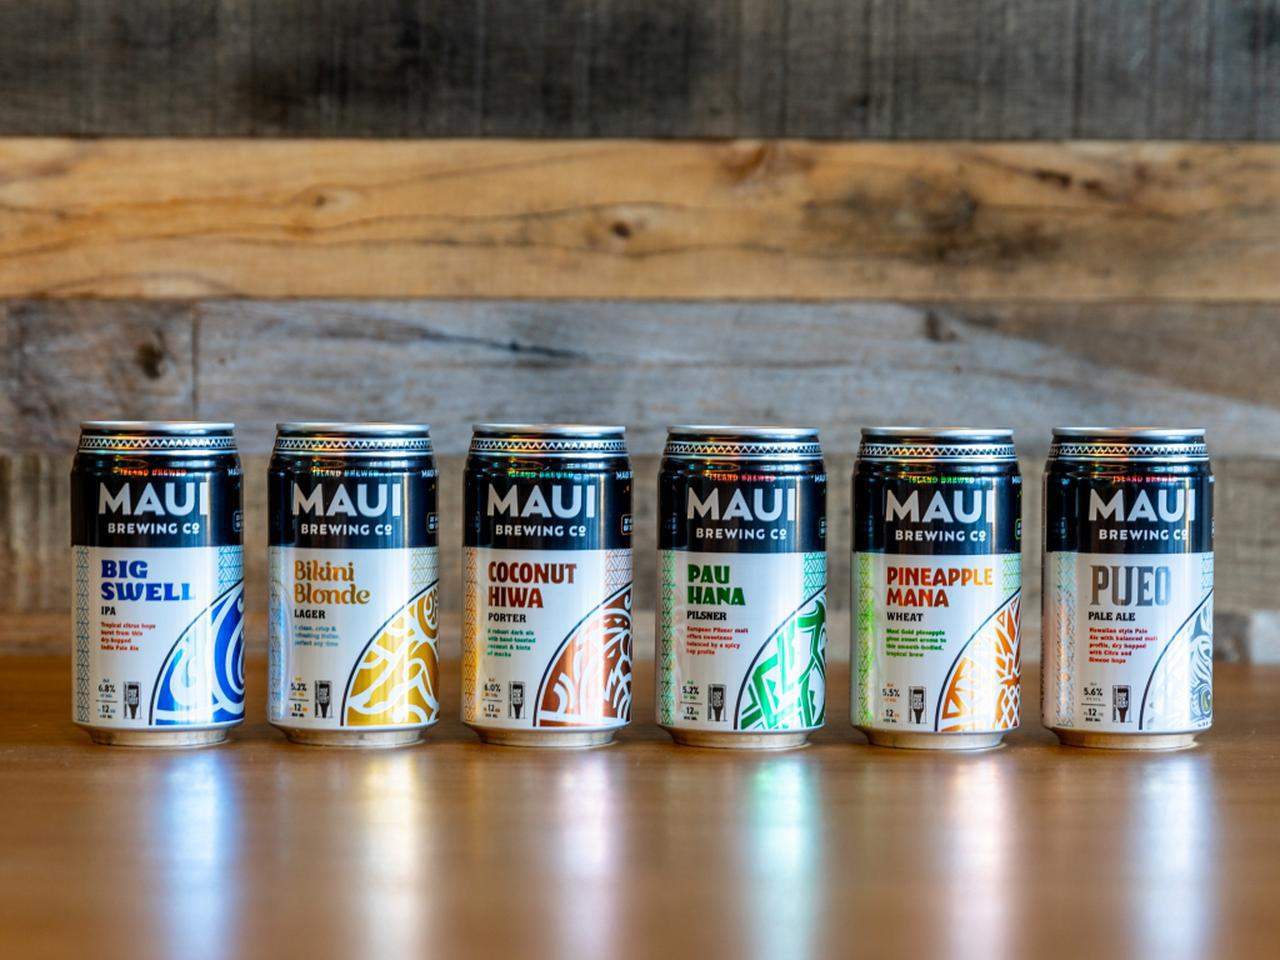 画像: ハワイアン航空の機内でも楽しめる! ハワイのクラフトビール マウイブリューイング